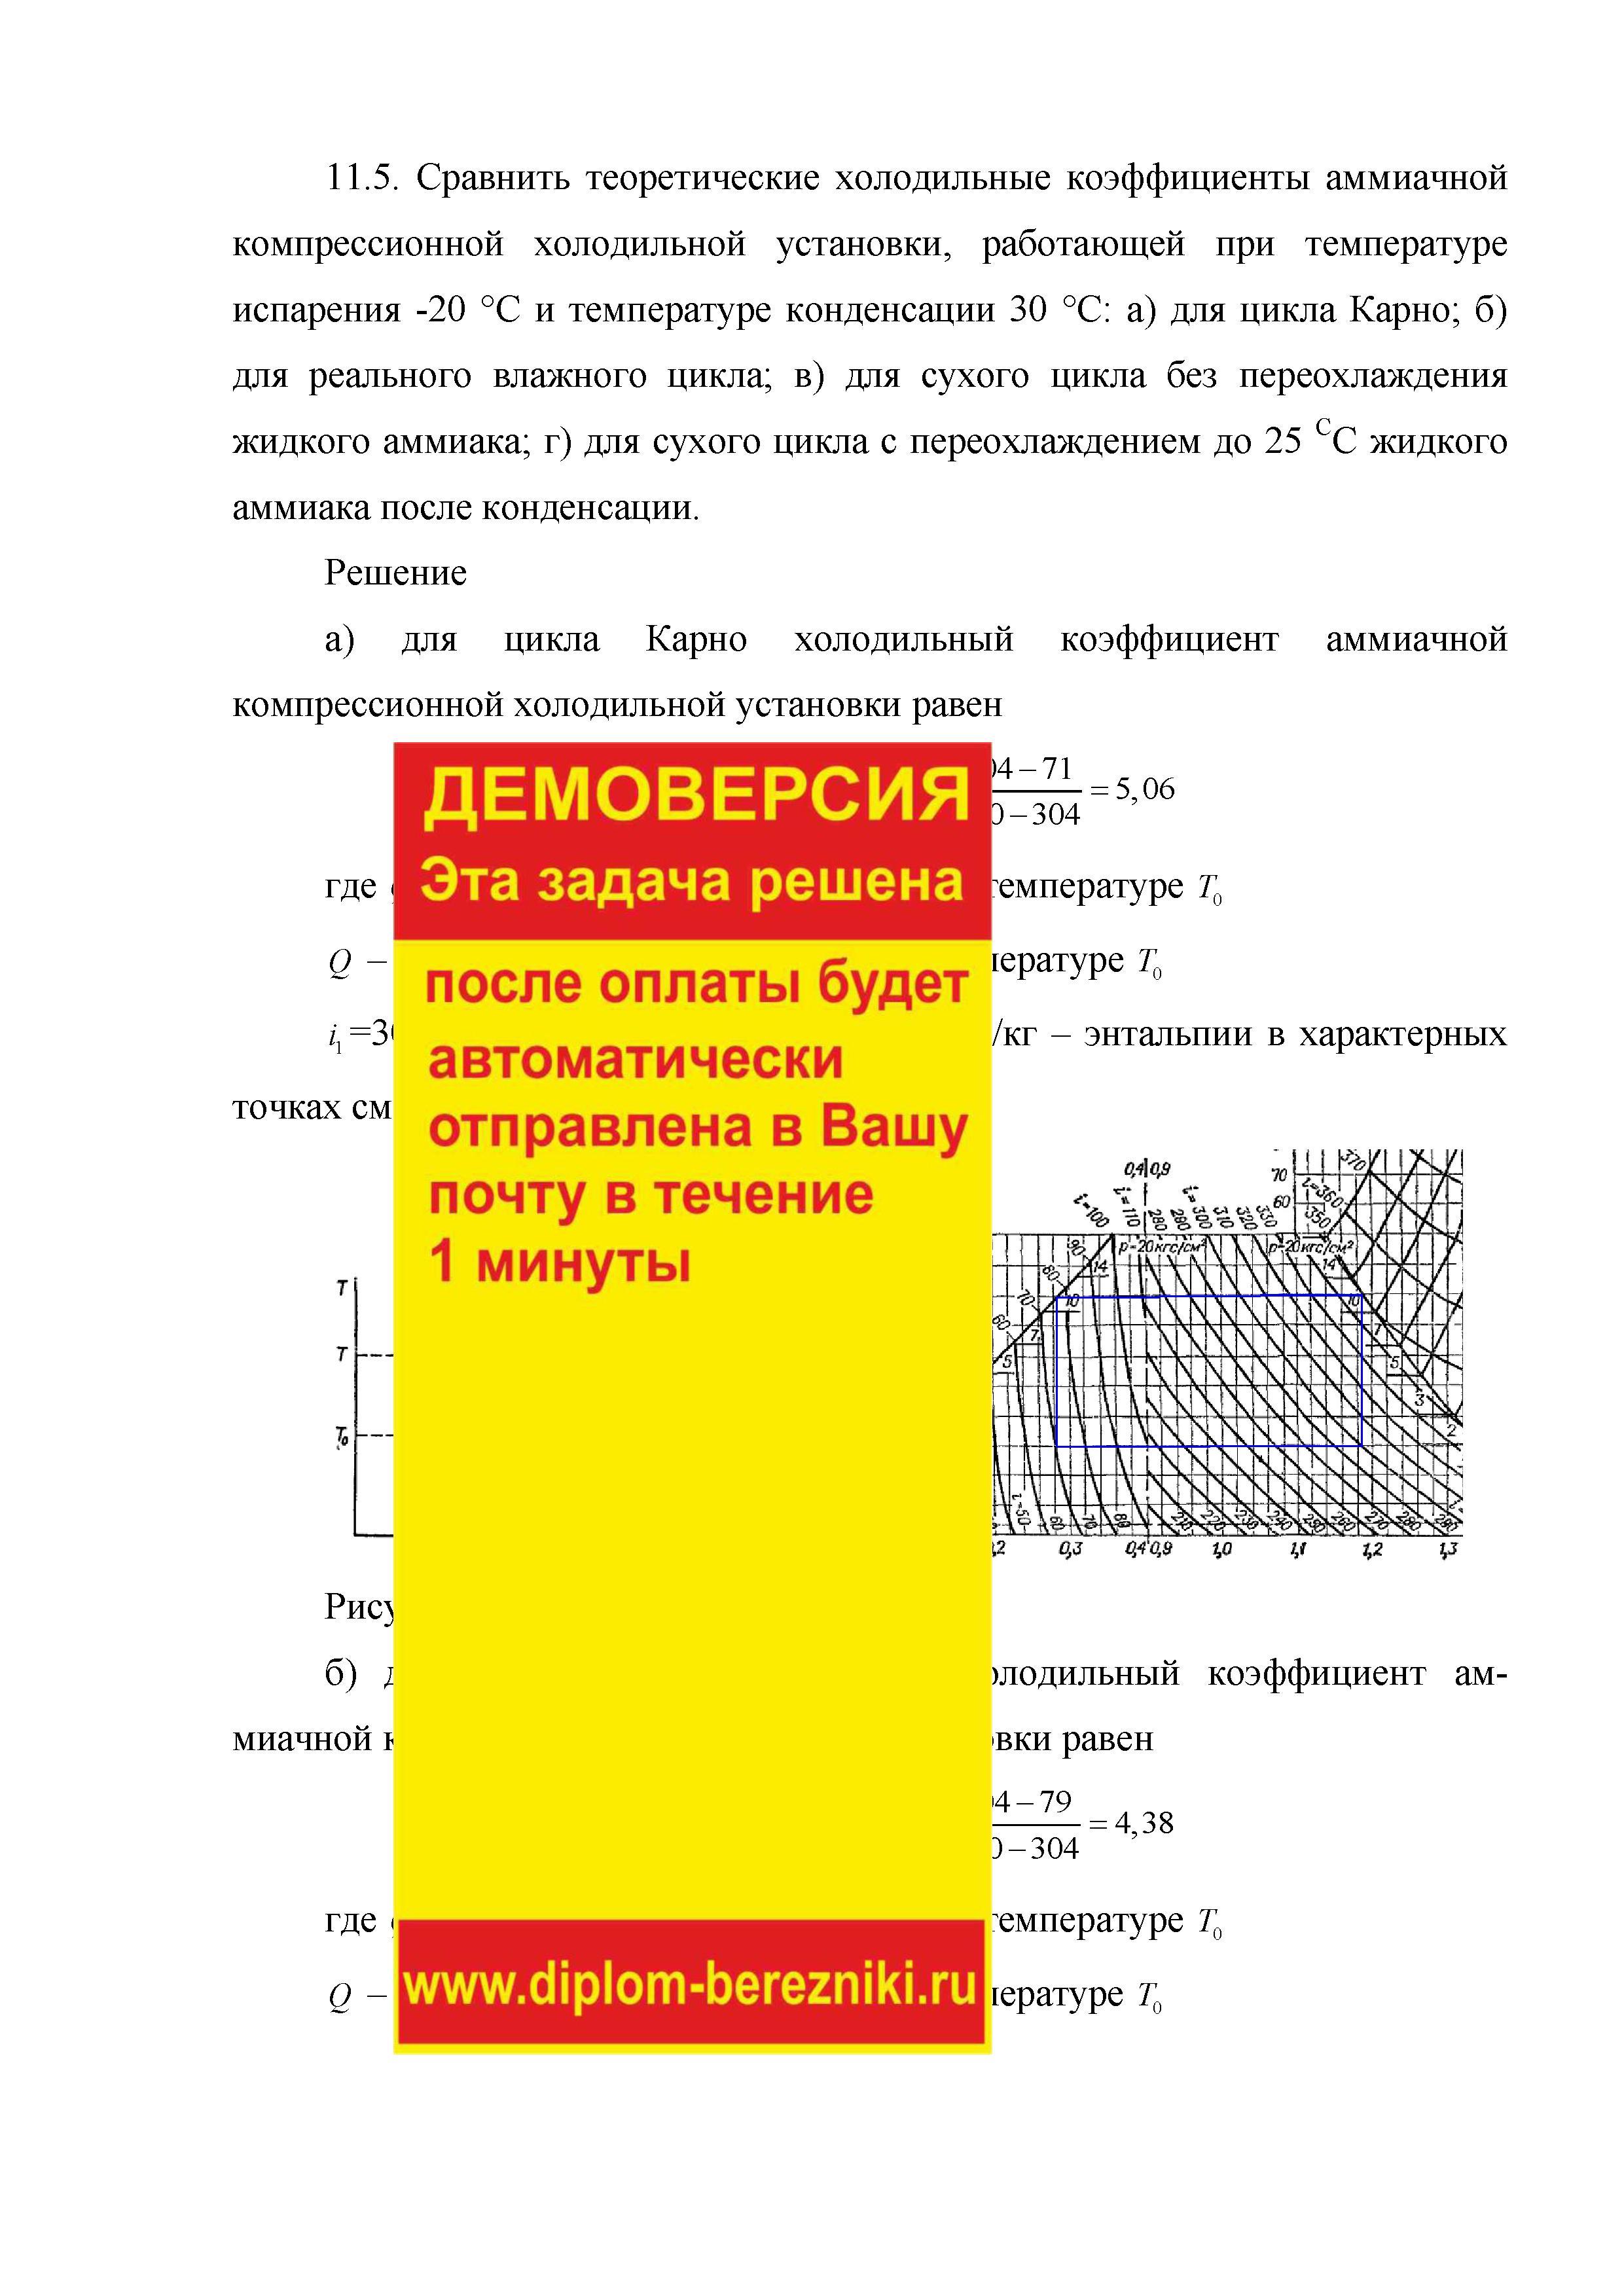 Решение задачи 11.5  по ПАХТ из задачника Павлова Романкова Носкова